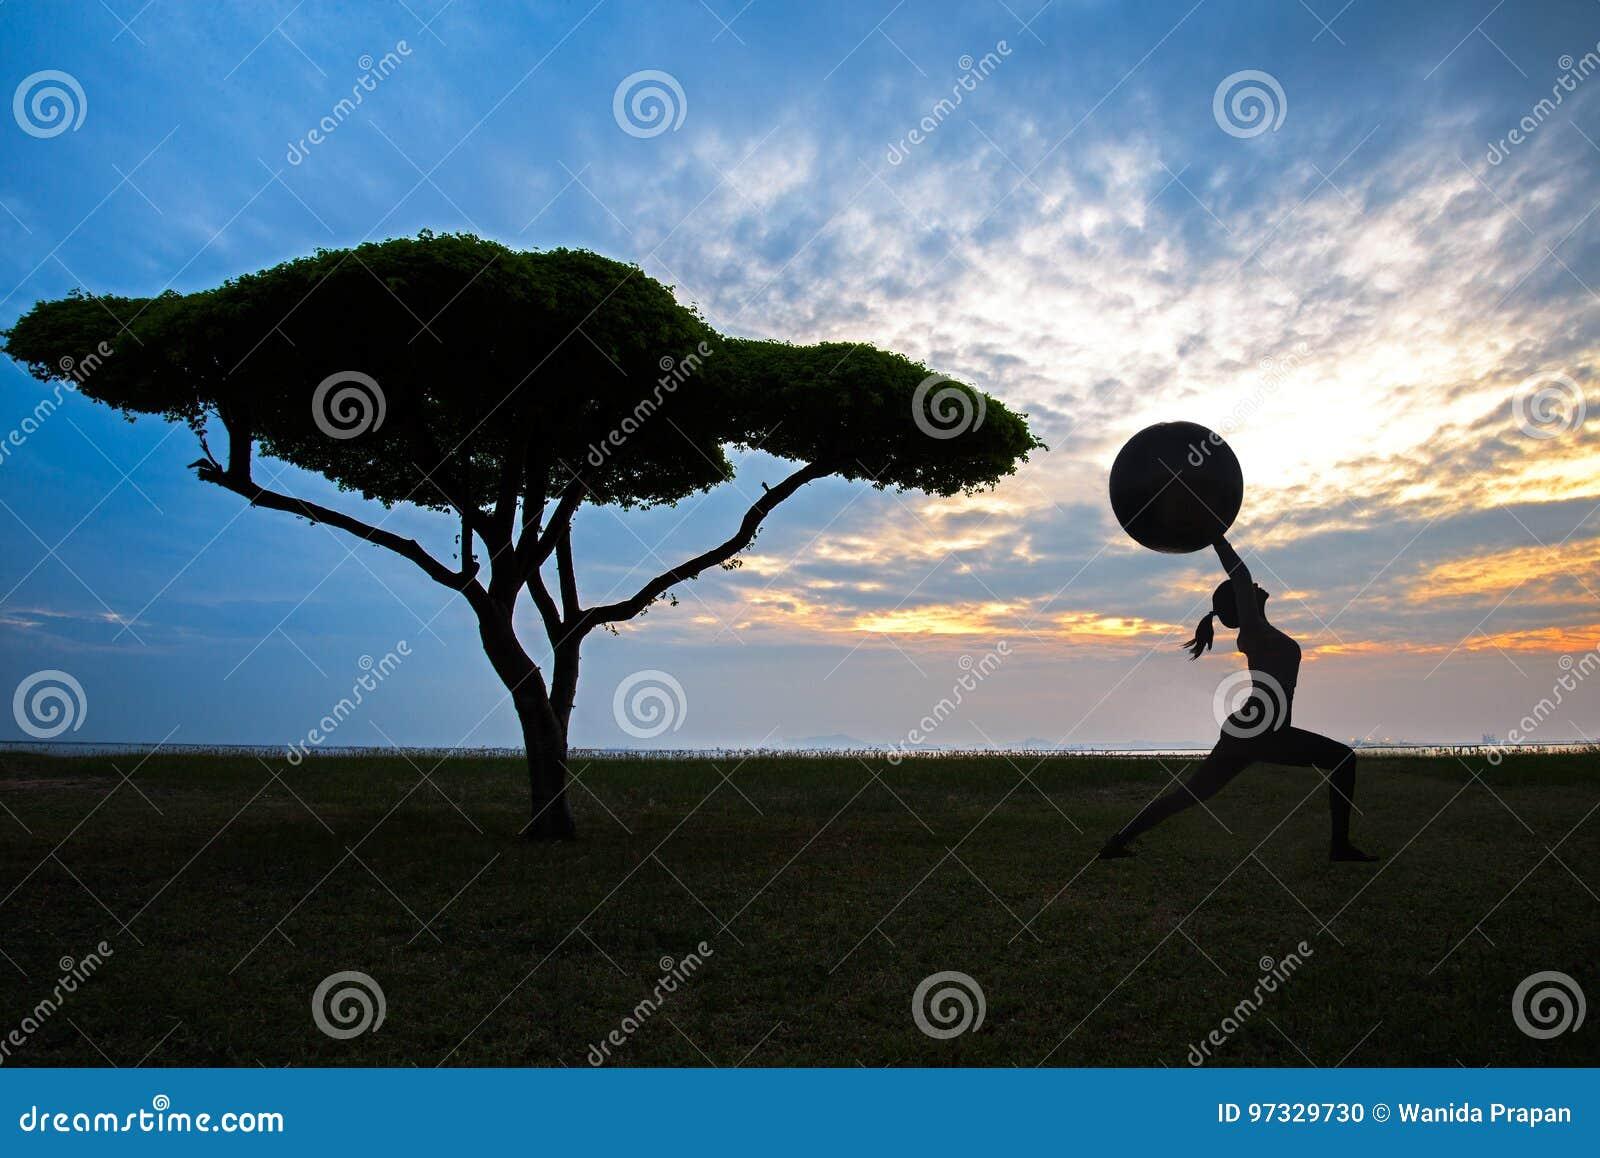 Siluetee a la mujer joven de la yoga con el árbol solo en el fondo de la puesta del sol